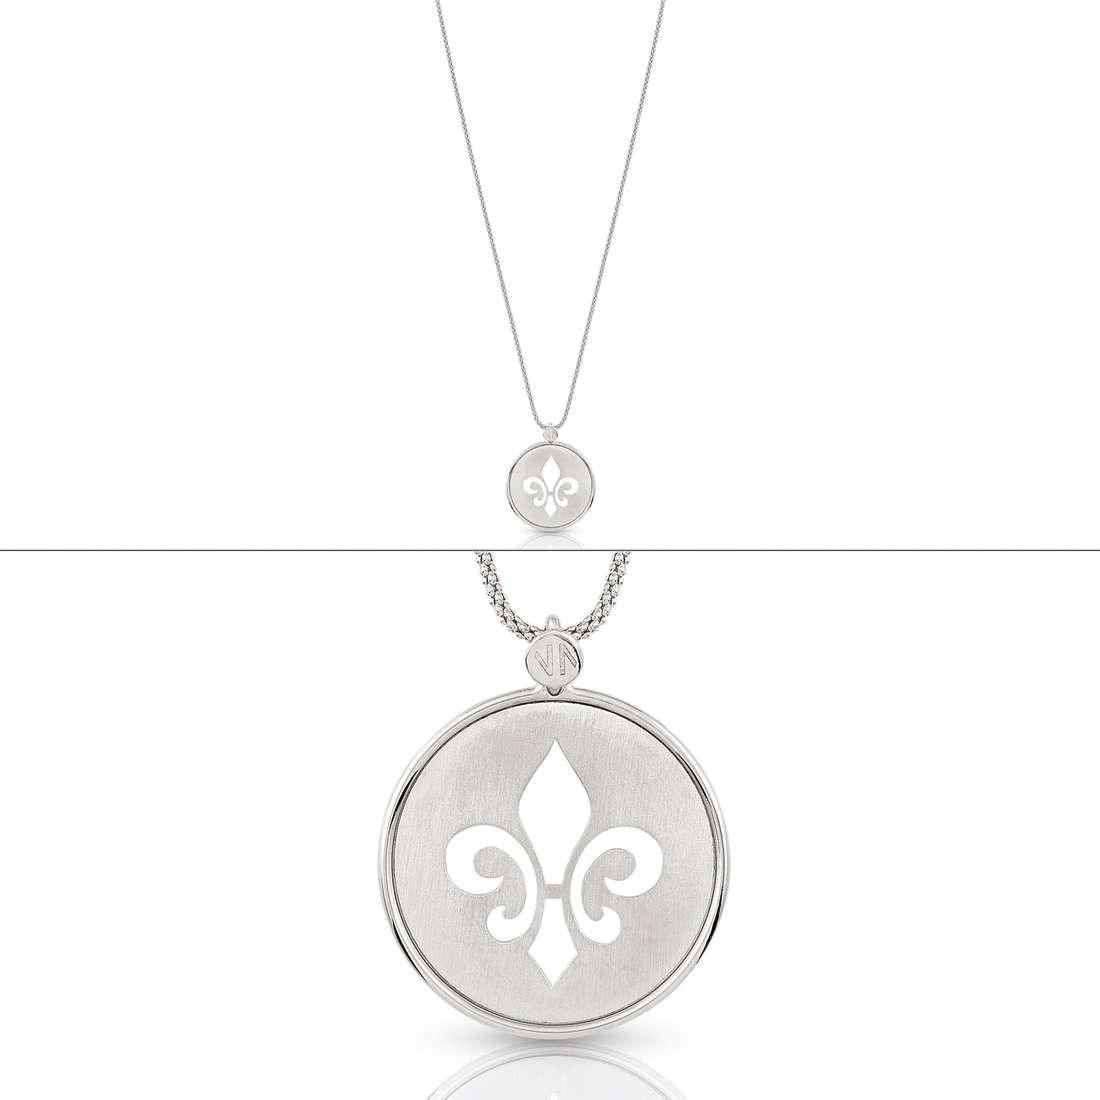 collier unisex bijoux Nomination 145404/010